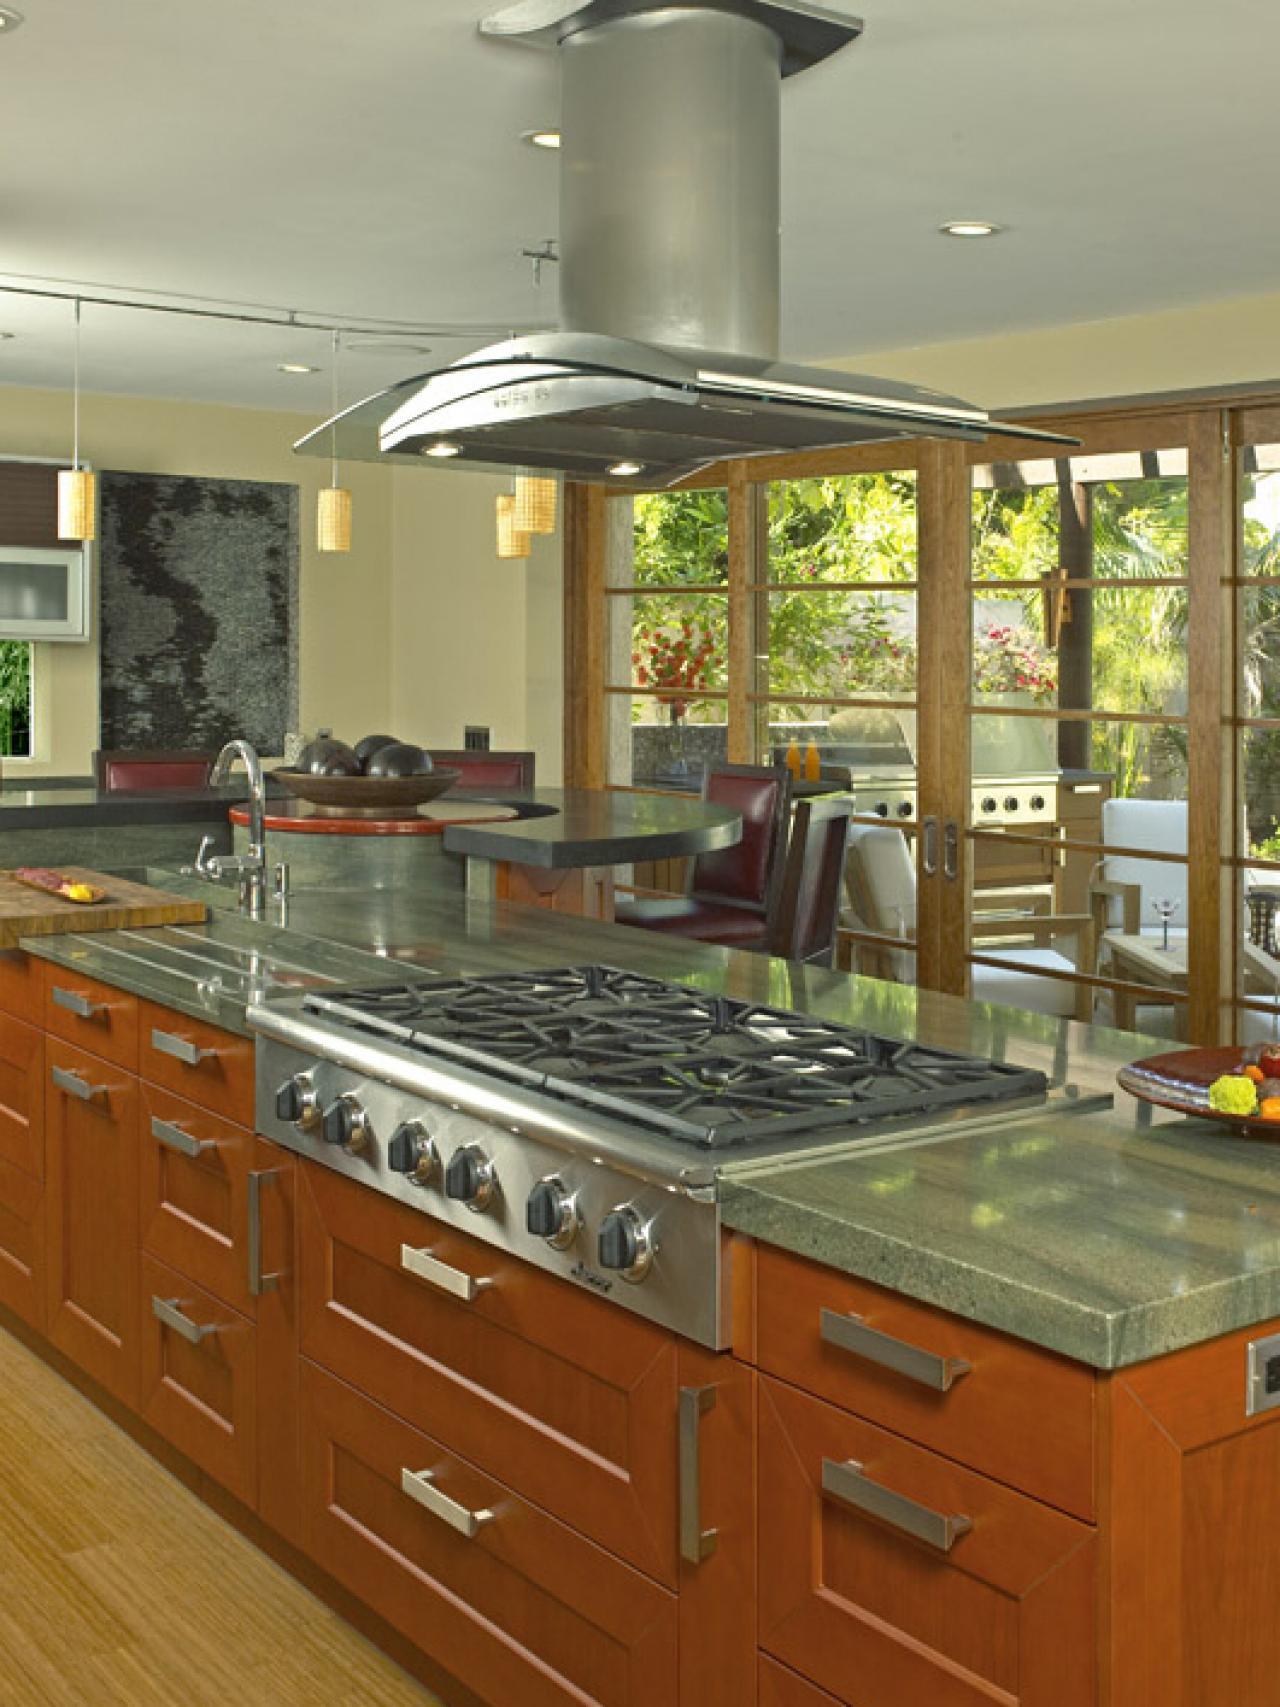 25 Best Kitchen Design Ideas To Get Inspired Decoration Love